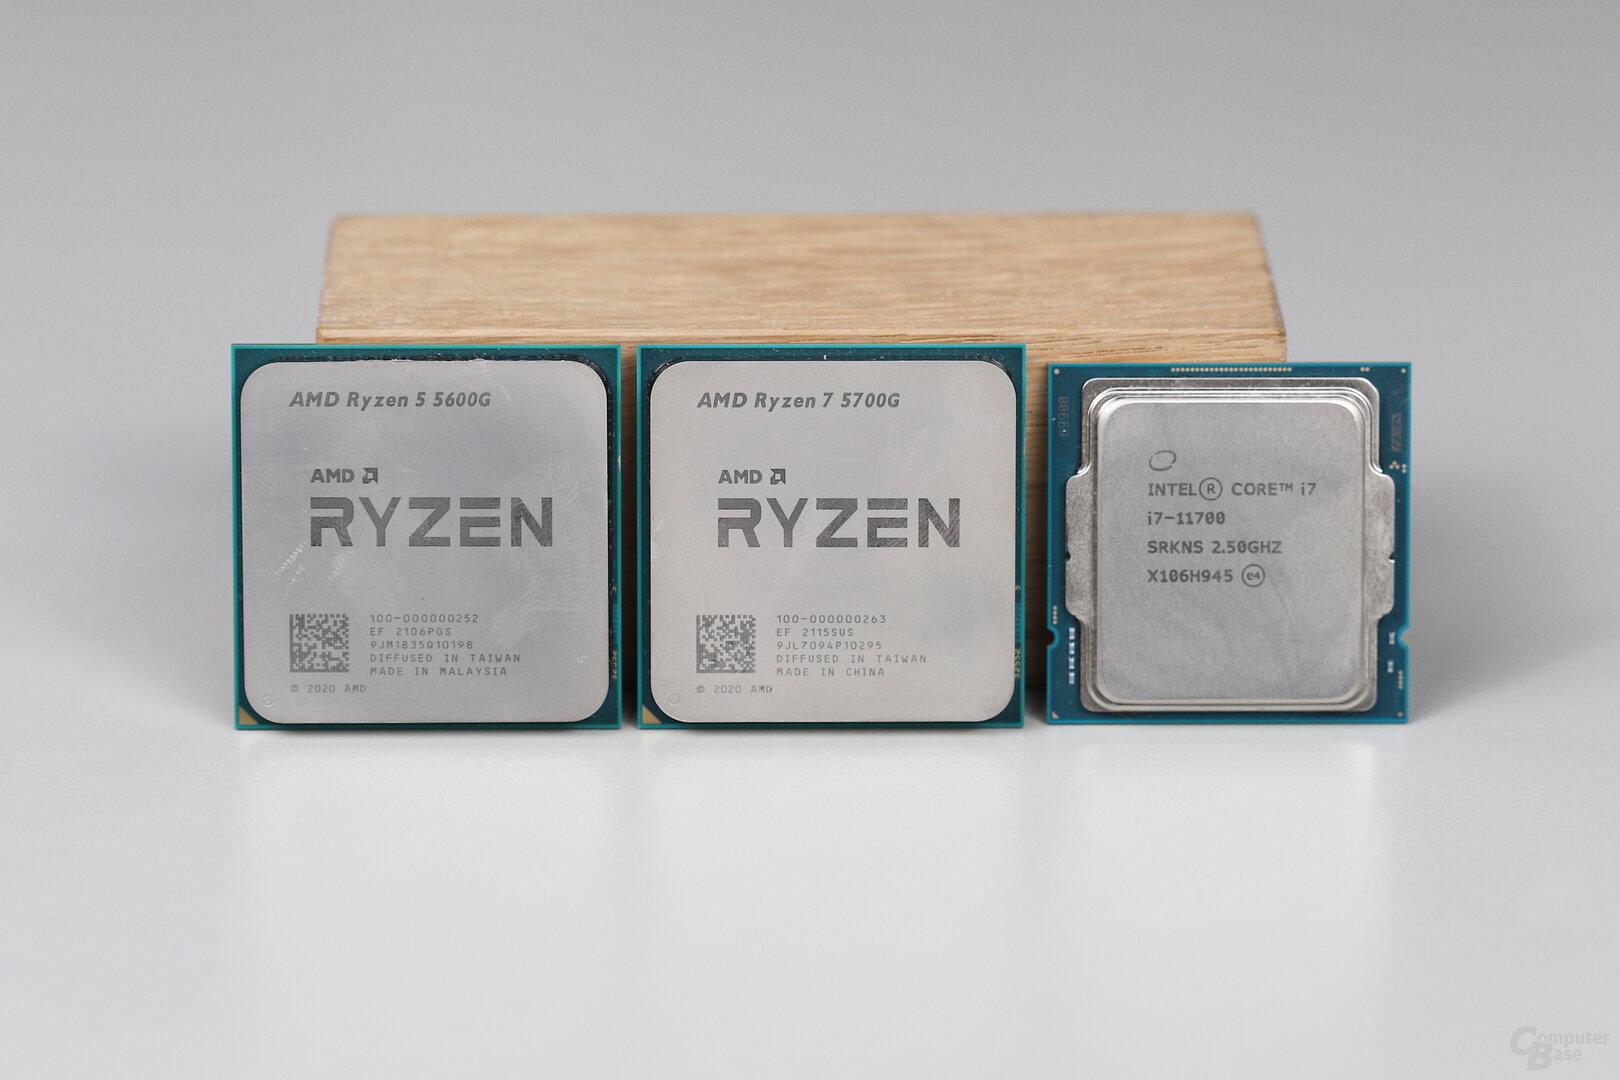 AMD Ryzen 5 5600G, Ryzen 7 5700G und Intel Core i7-11700 als Gegenspieler